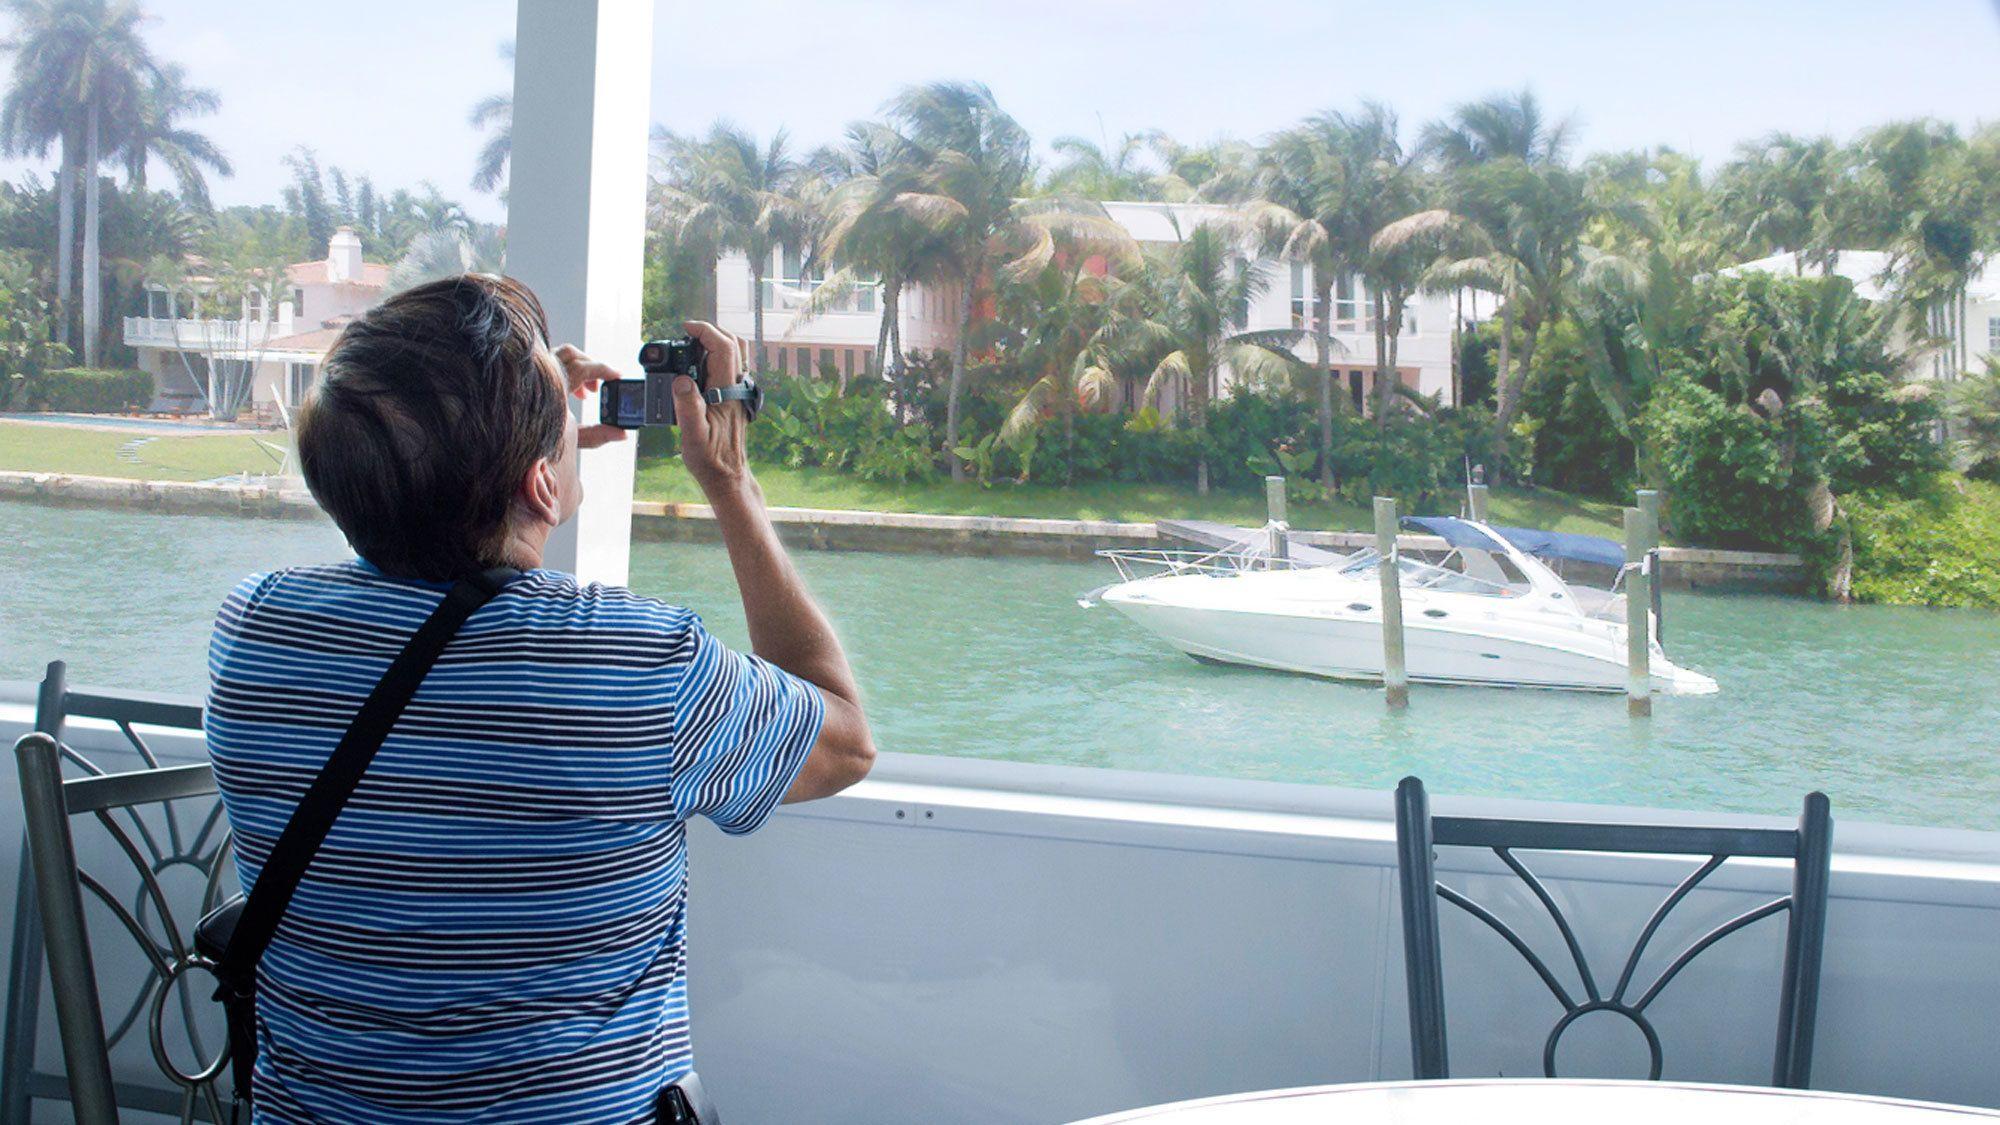 Recording the boat ride in Miami